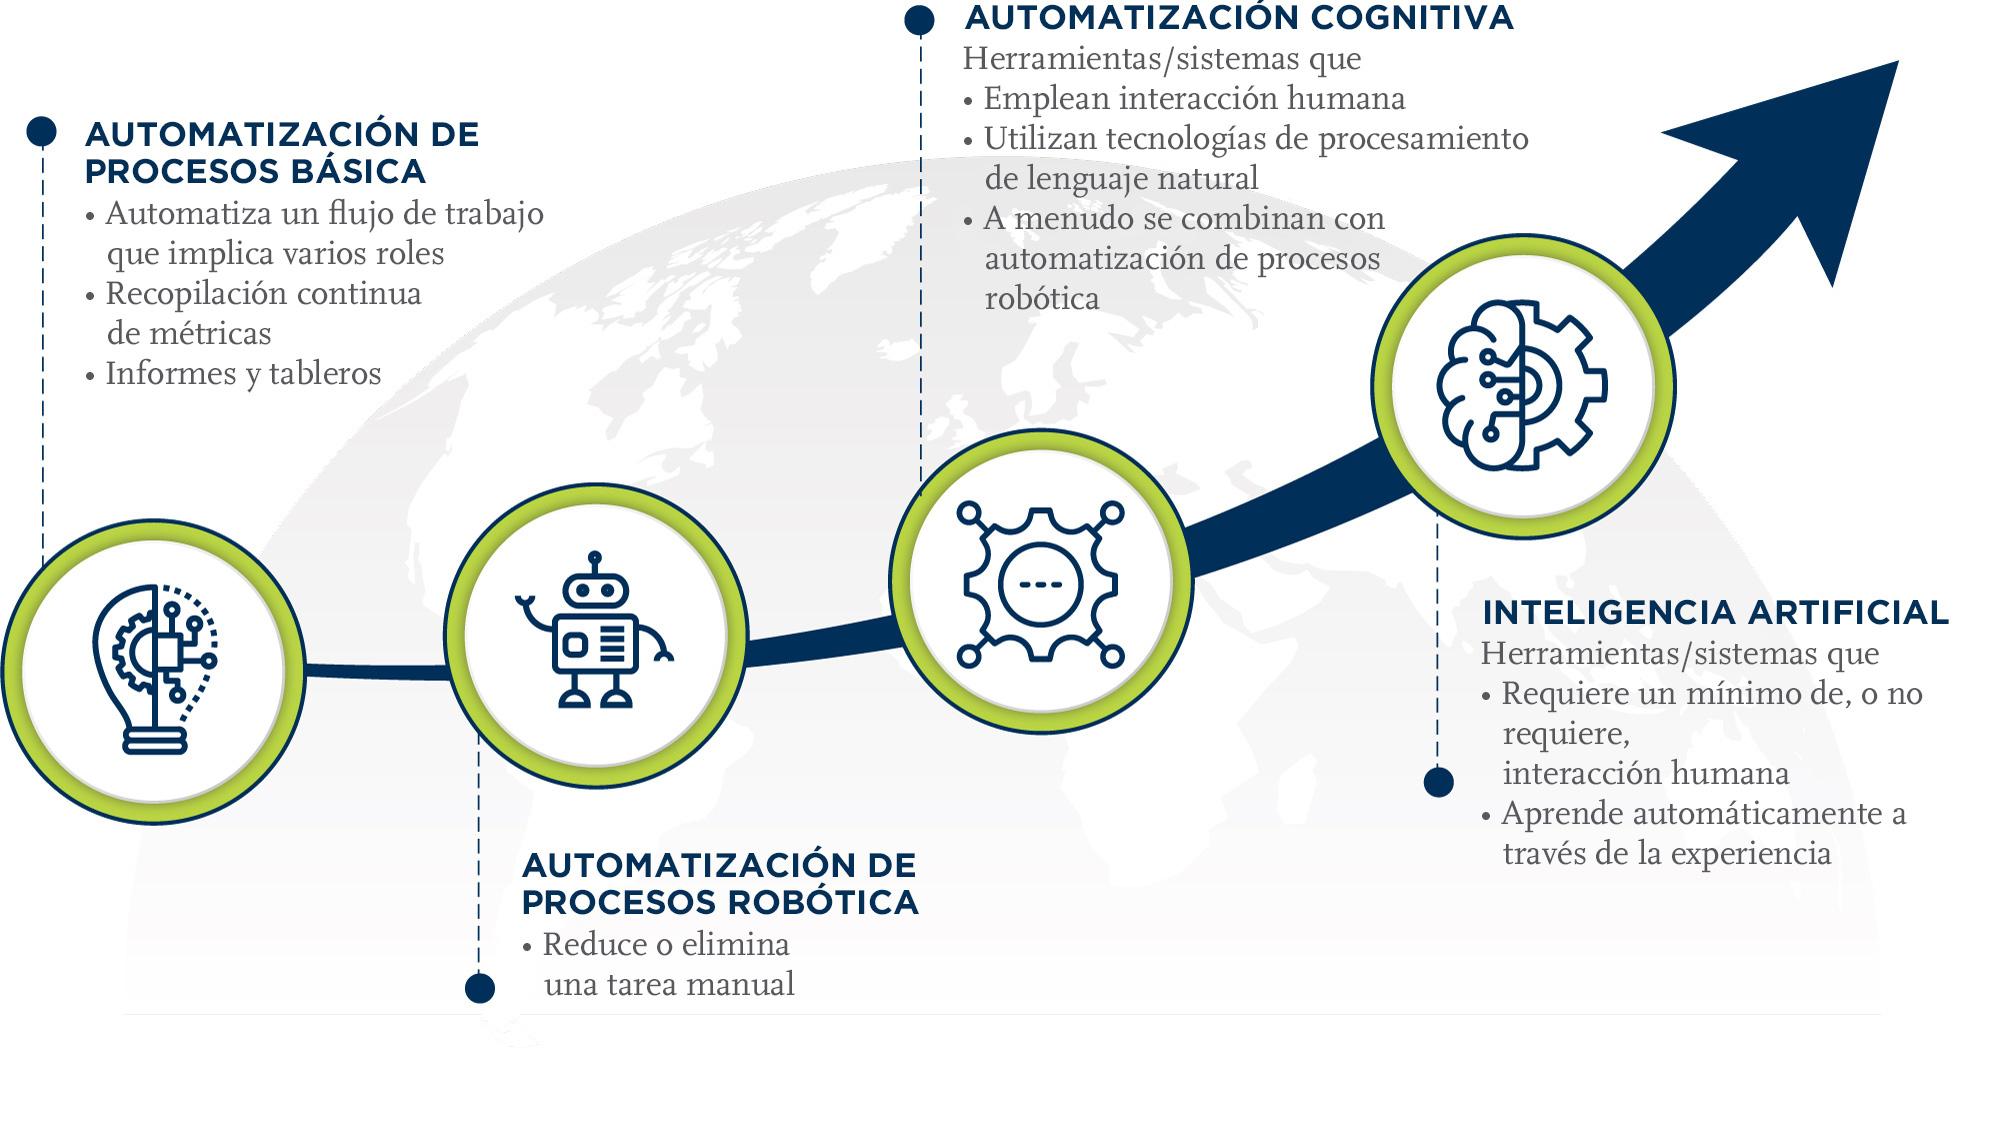 Imagen 1 - Plan de acción y herramientas de automatización de FV de Covance